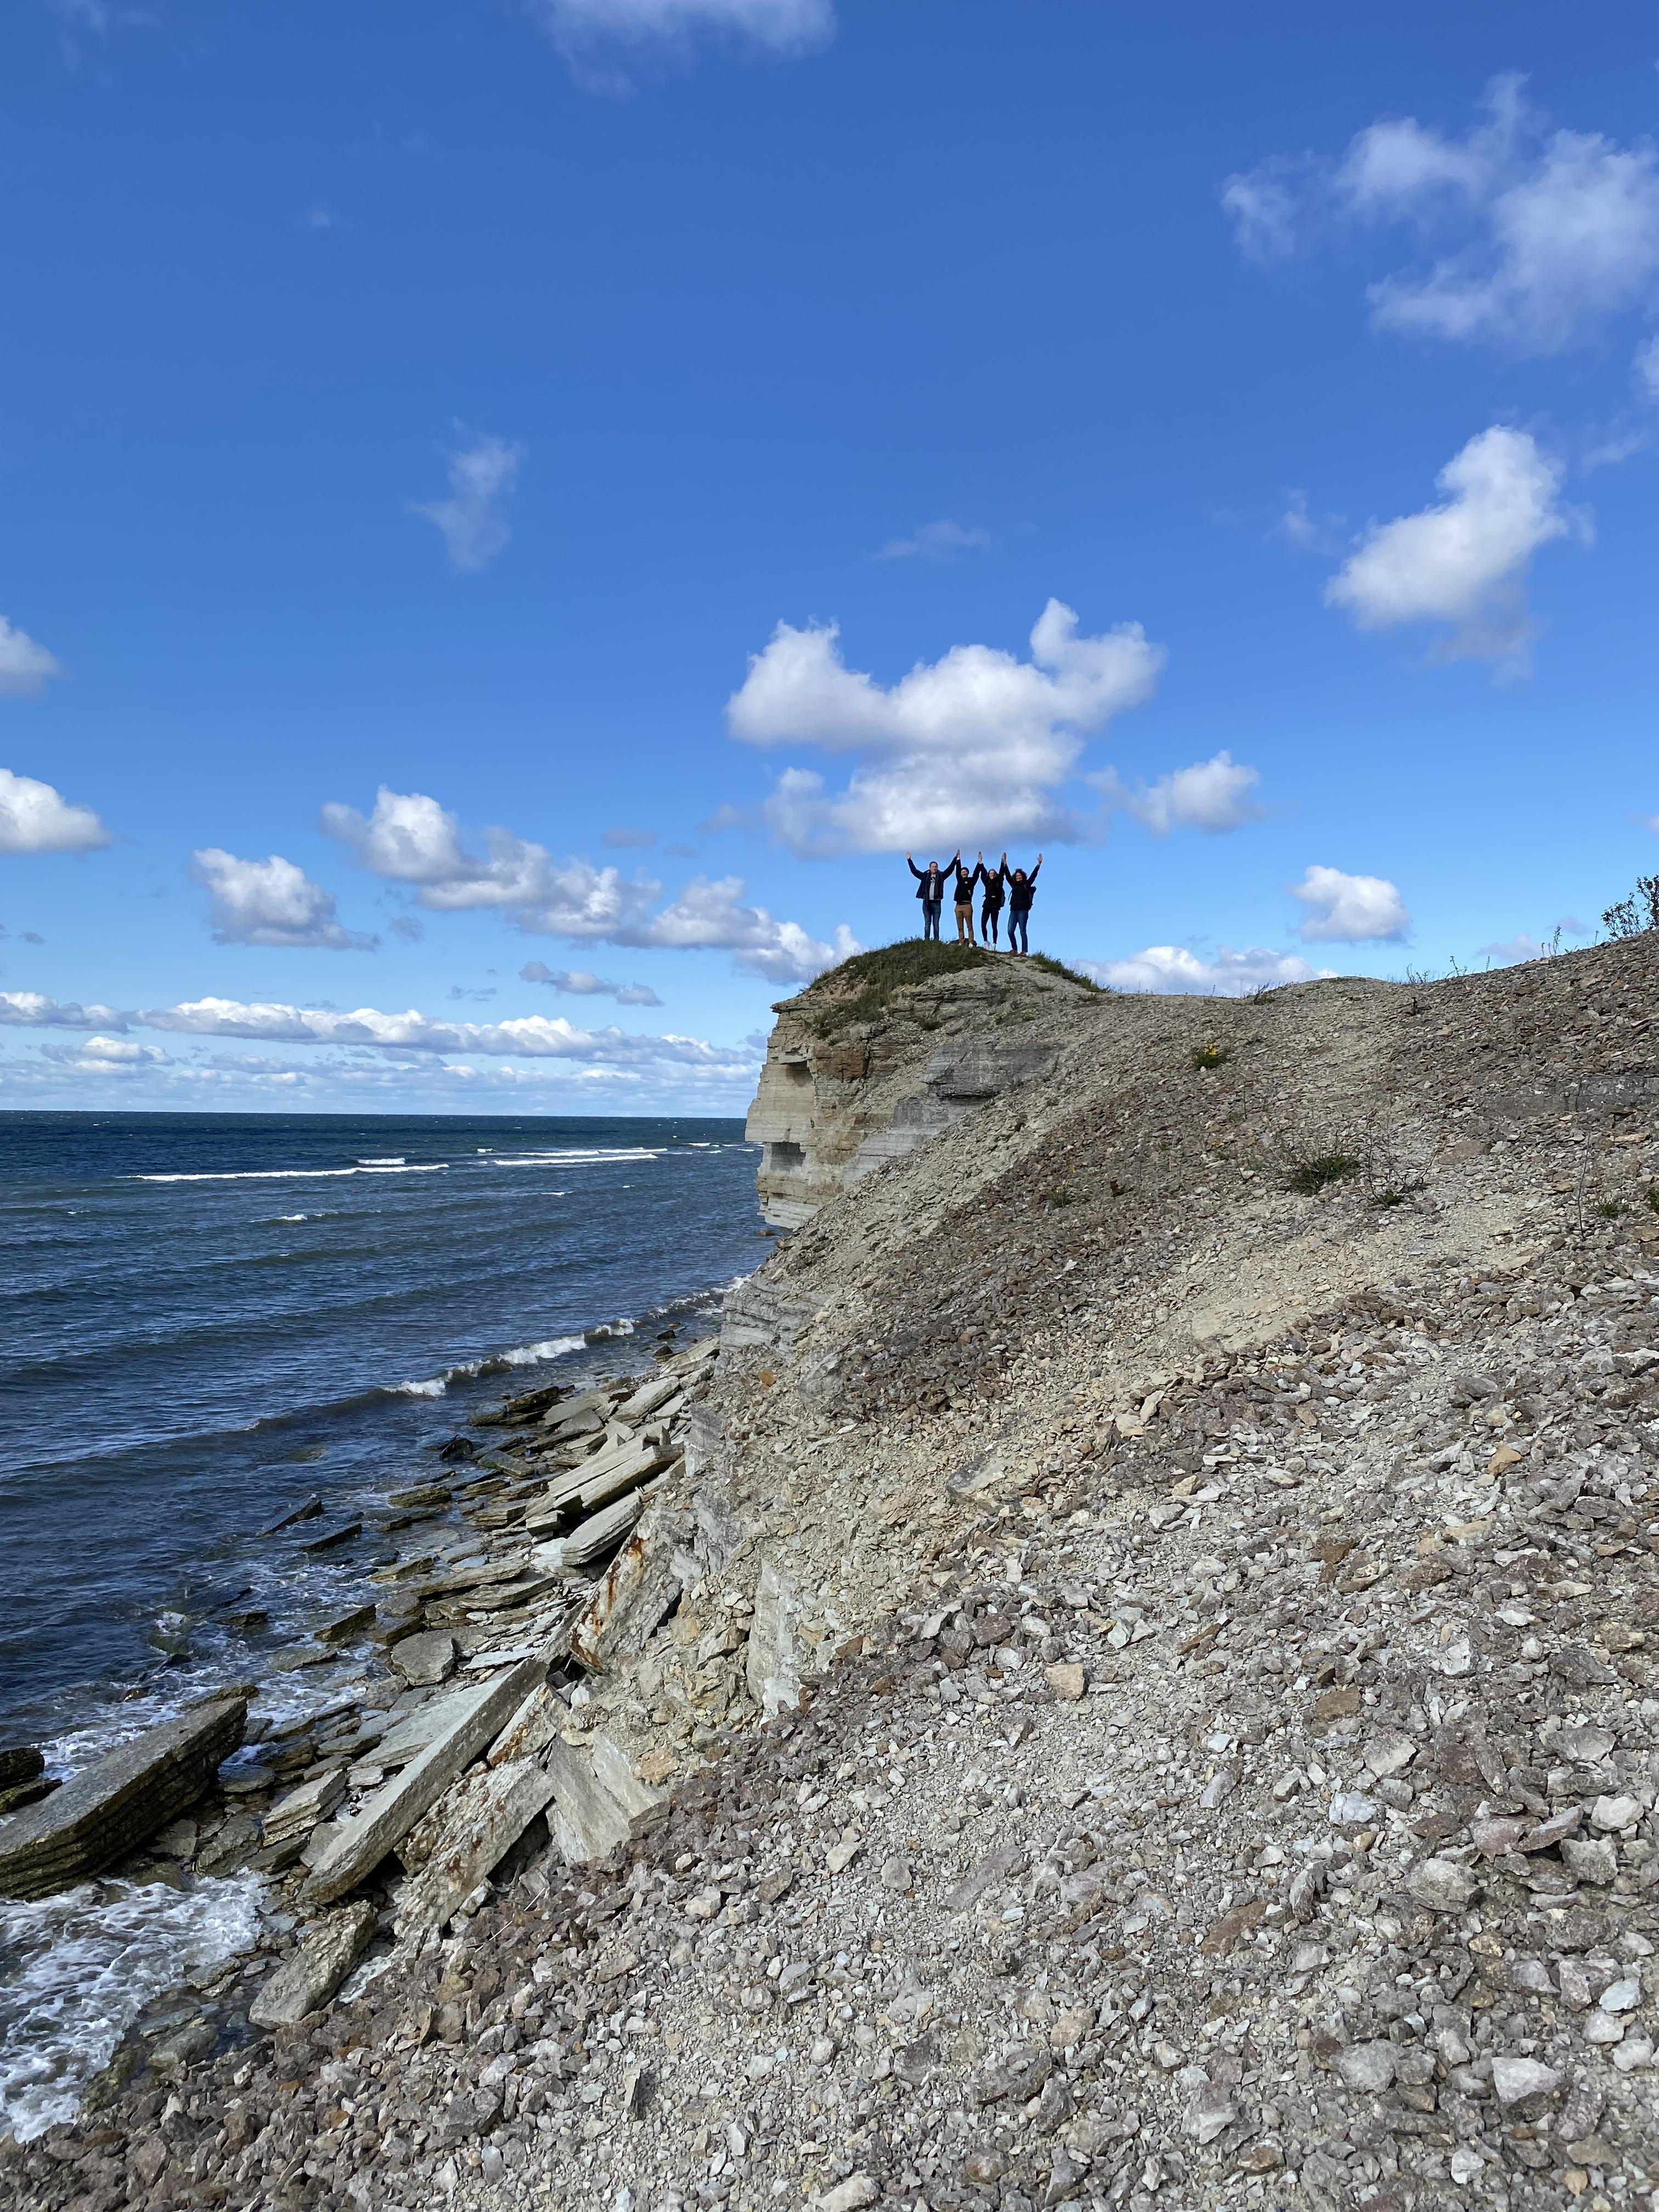 Von Überforderung bis Ankommen – meine ersten Tage im Auslandssemester in Estland